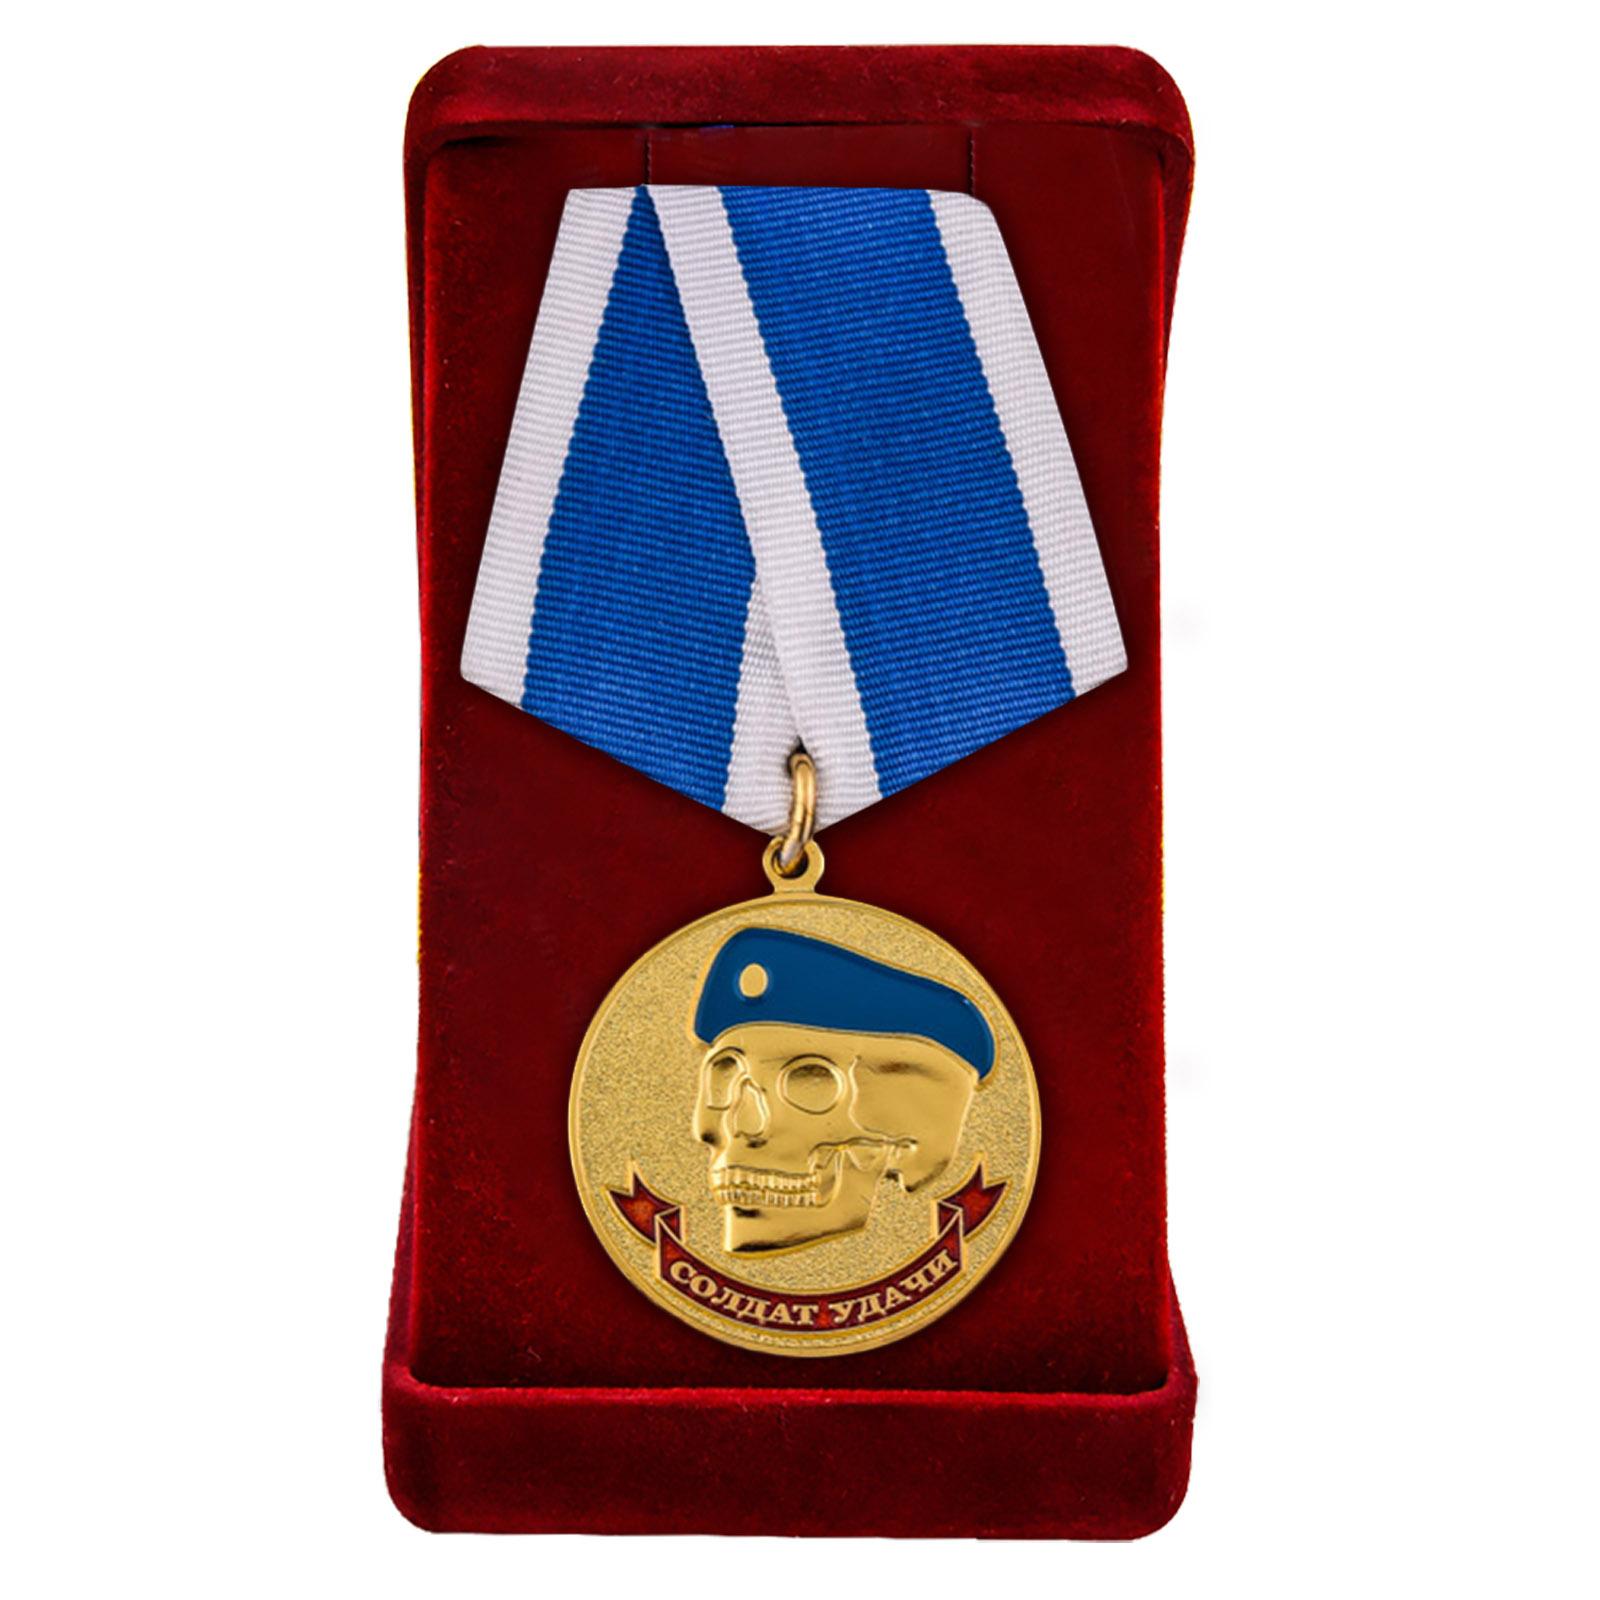 Купить латунную медаль ВДВ Солдат удачи по выгодной цене